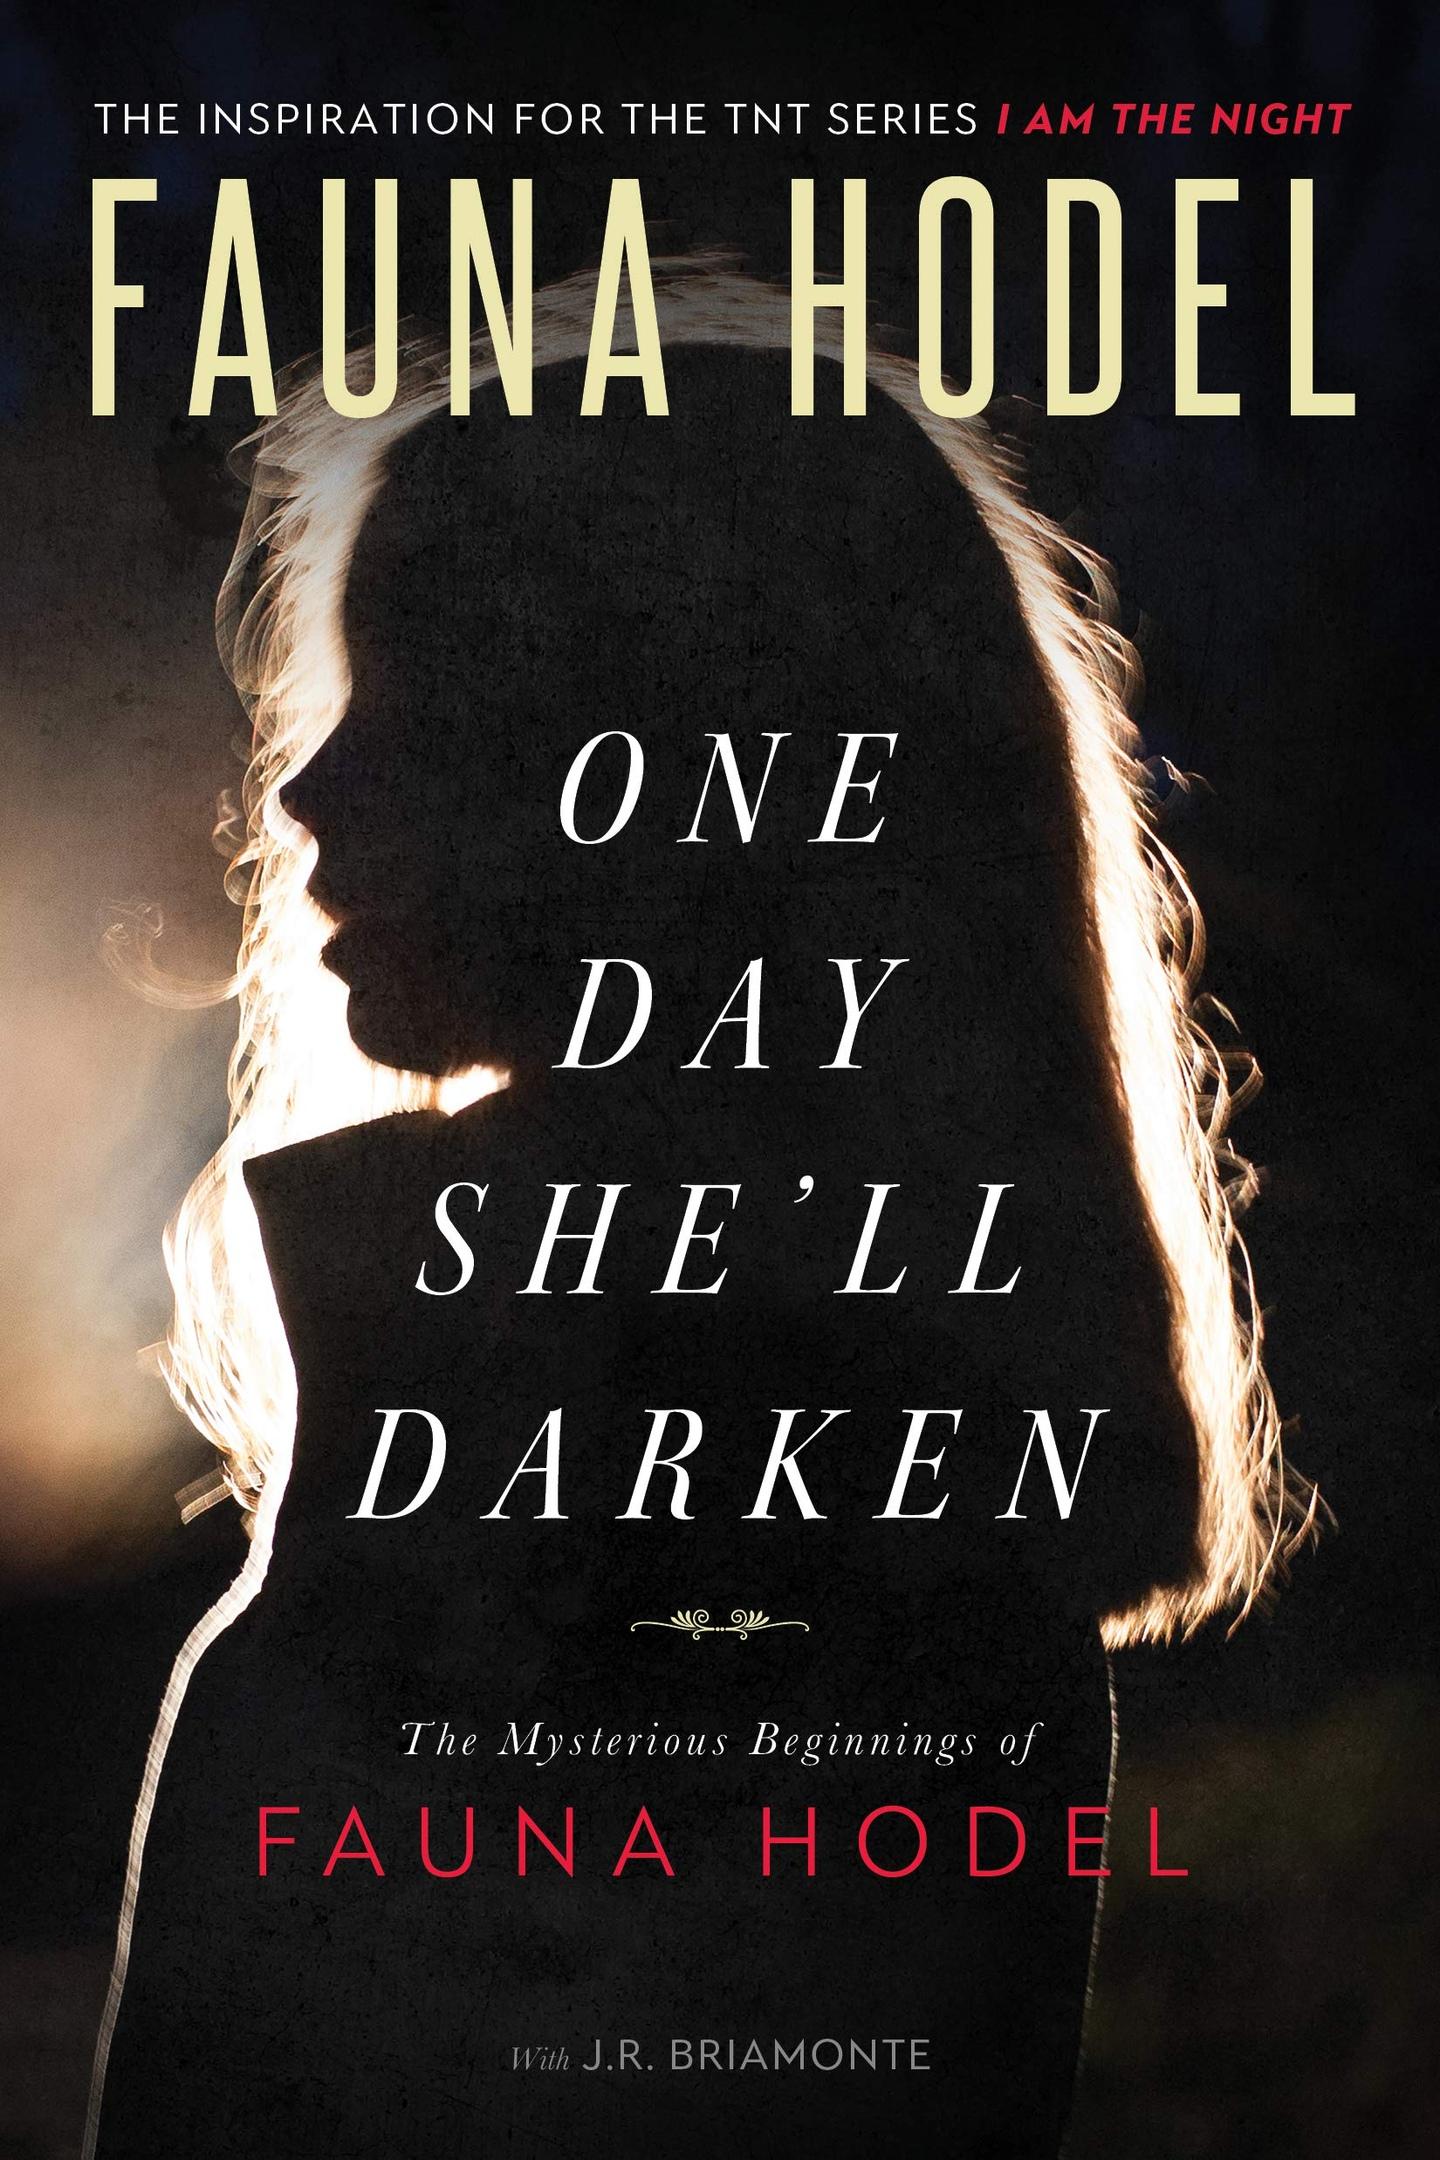 Fauna Hodel – One Day She'll Darken